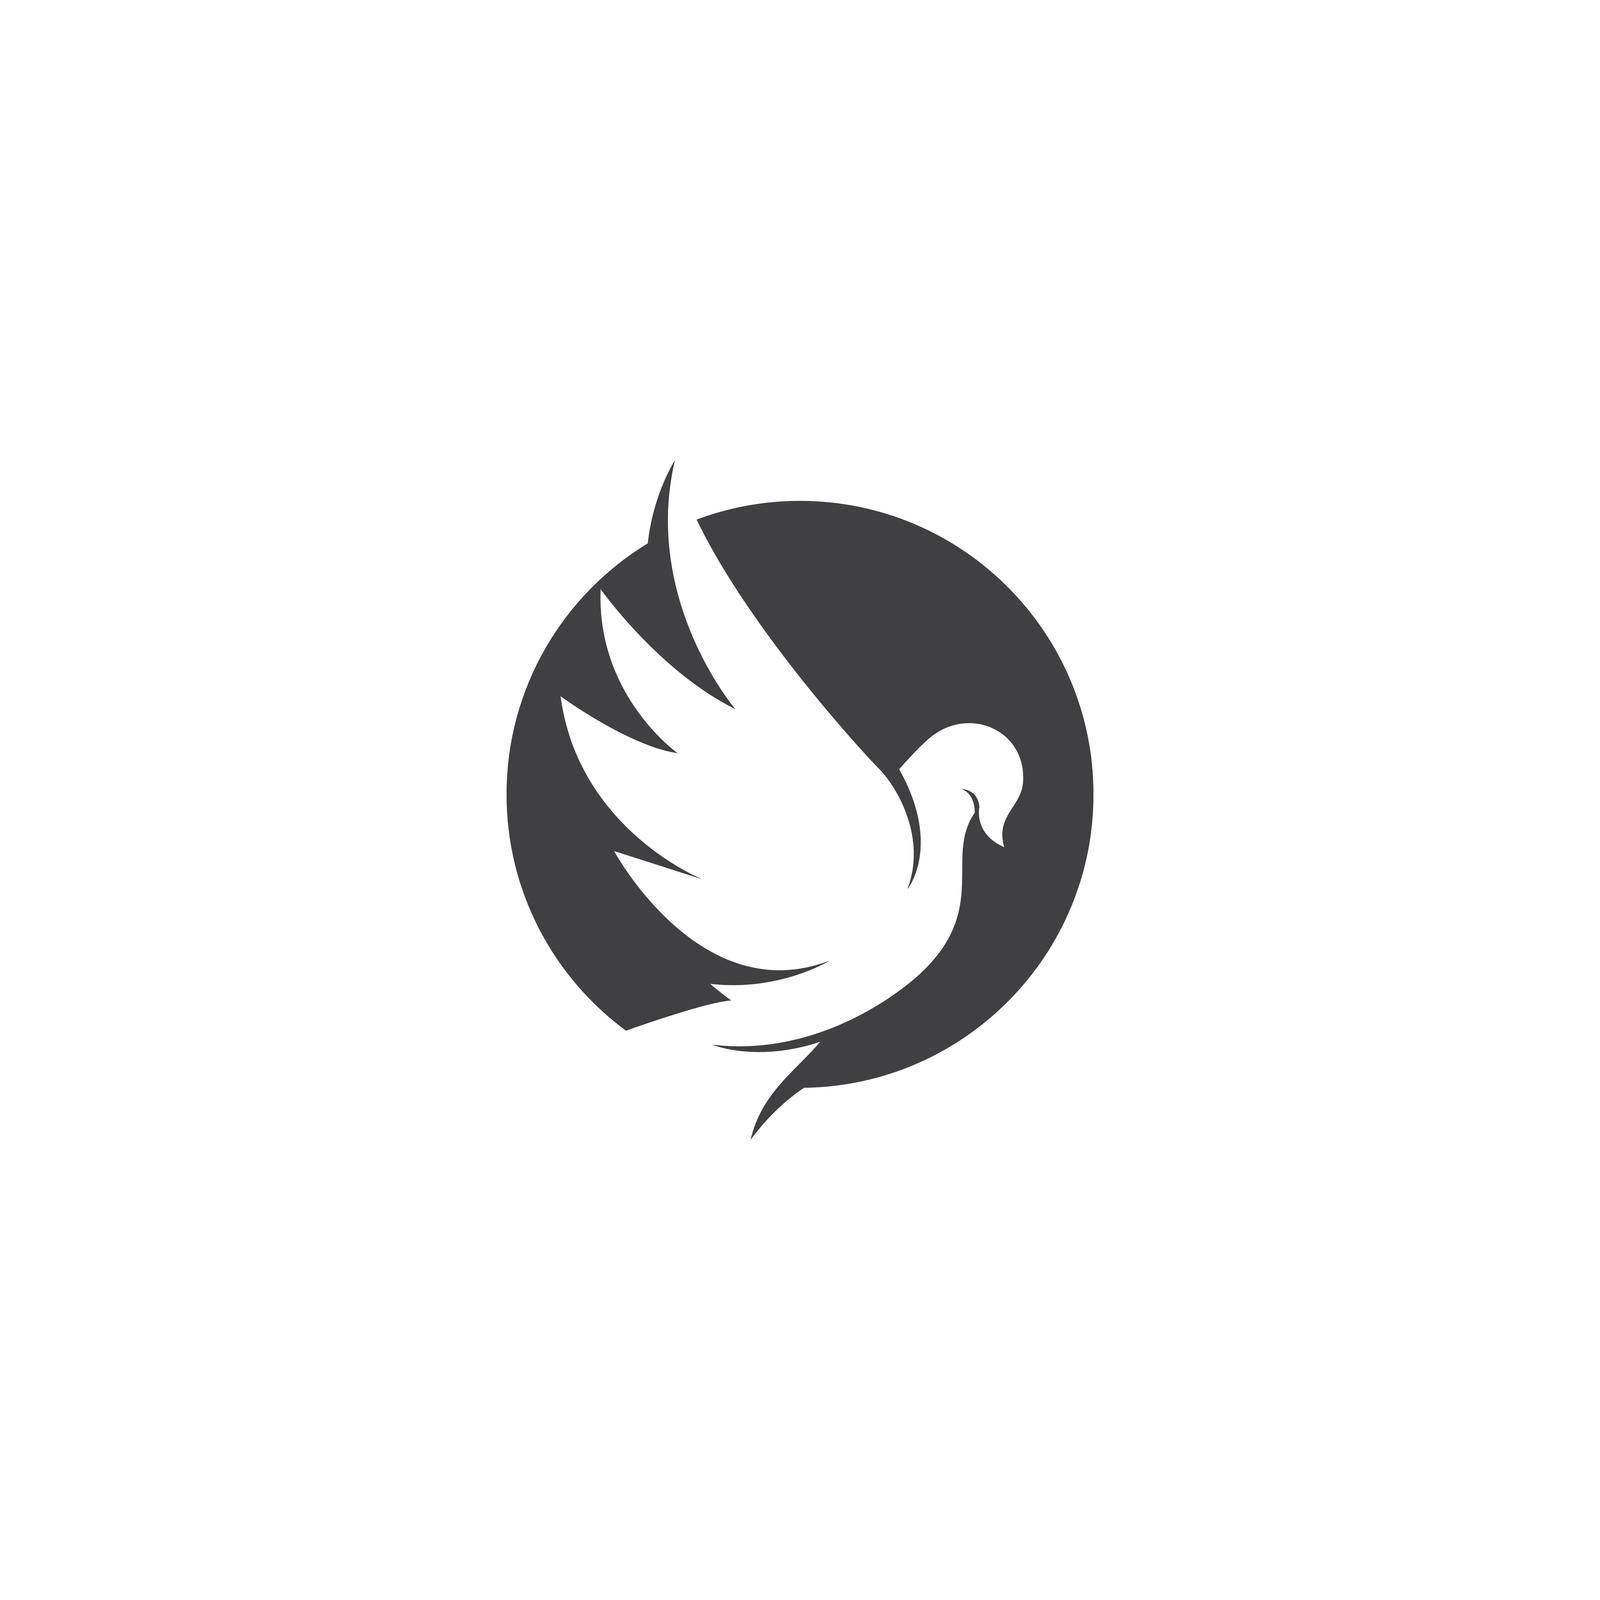 Dove bird logo vector design